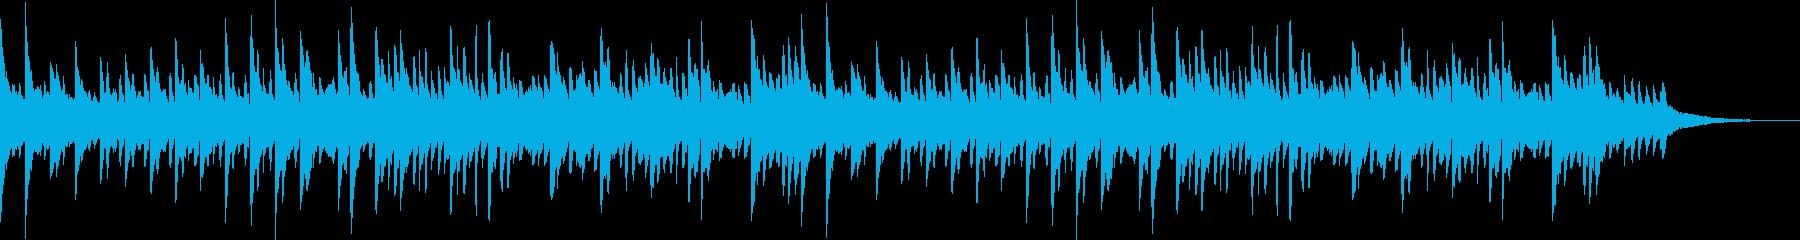 透明感のあるピアノソロBGM_01の再生済みの波形